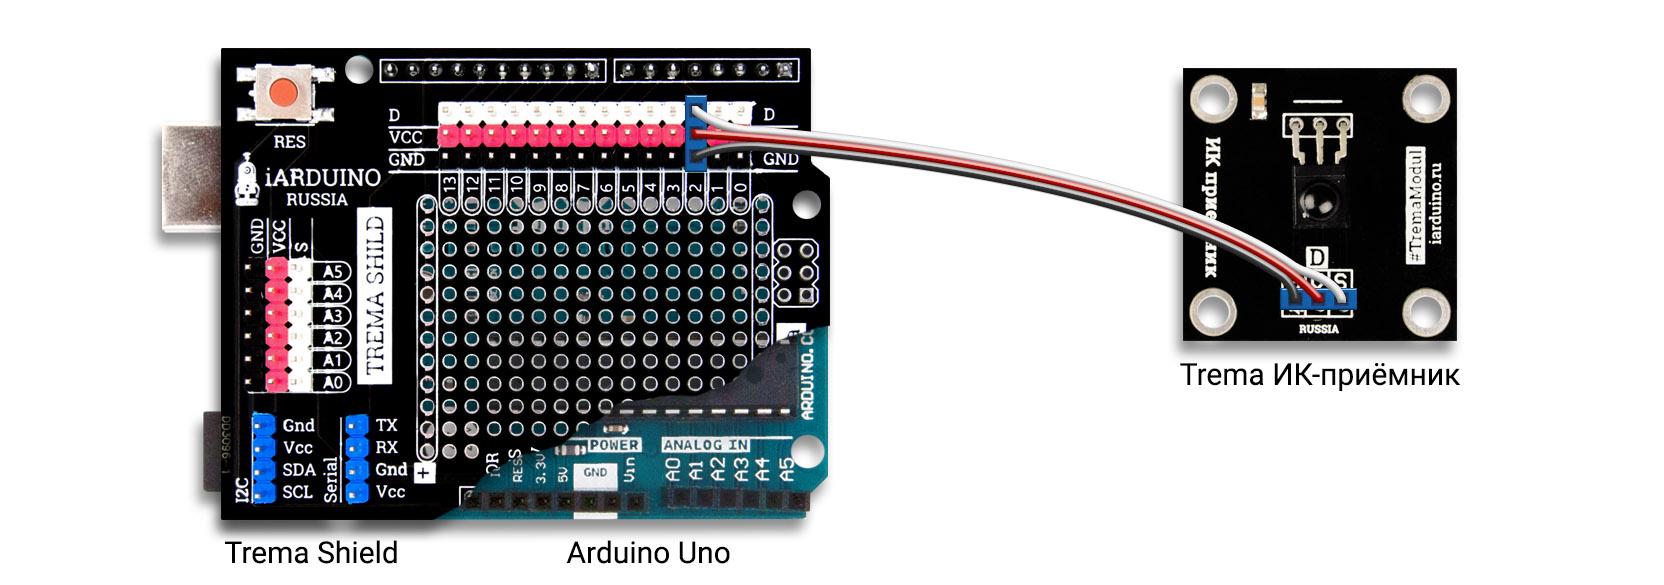 Схема подключения ИК-приёмника к Arduino Uno